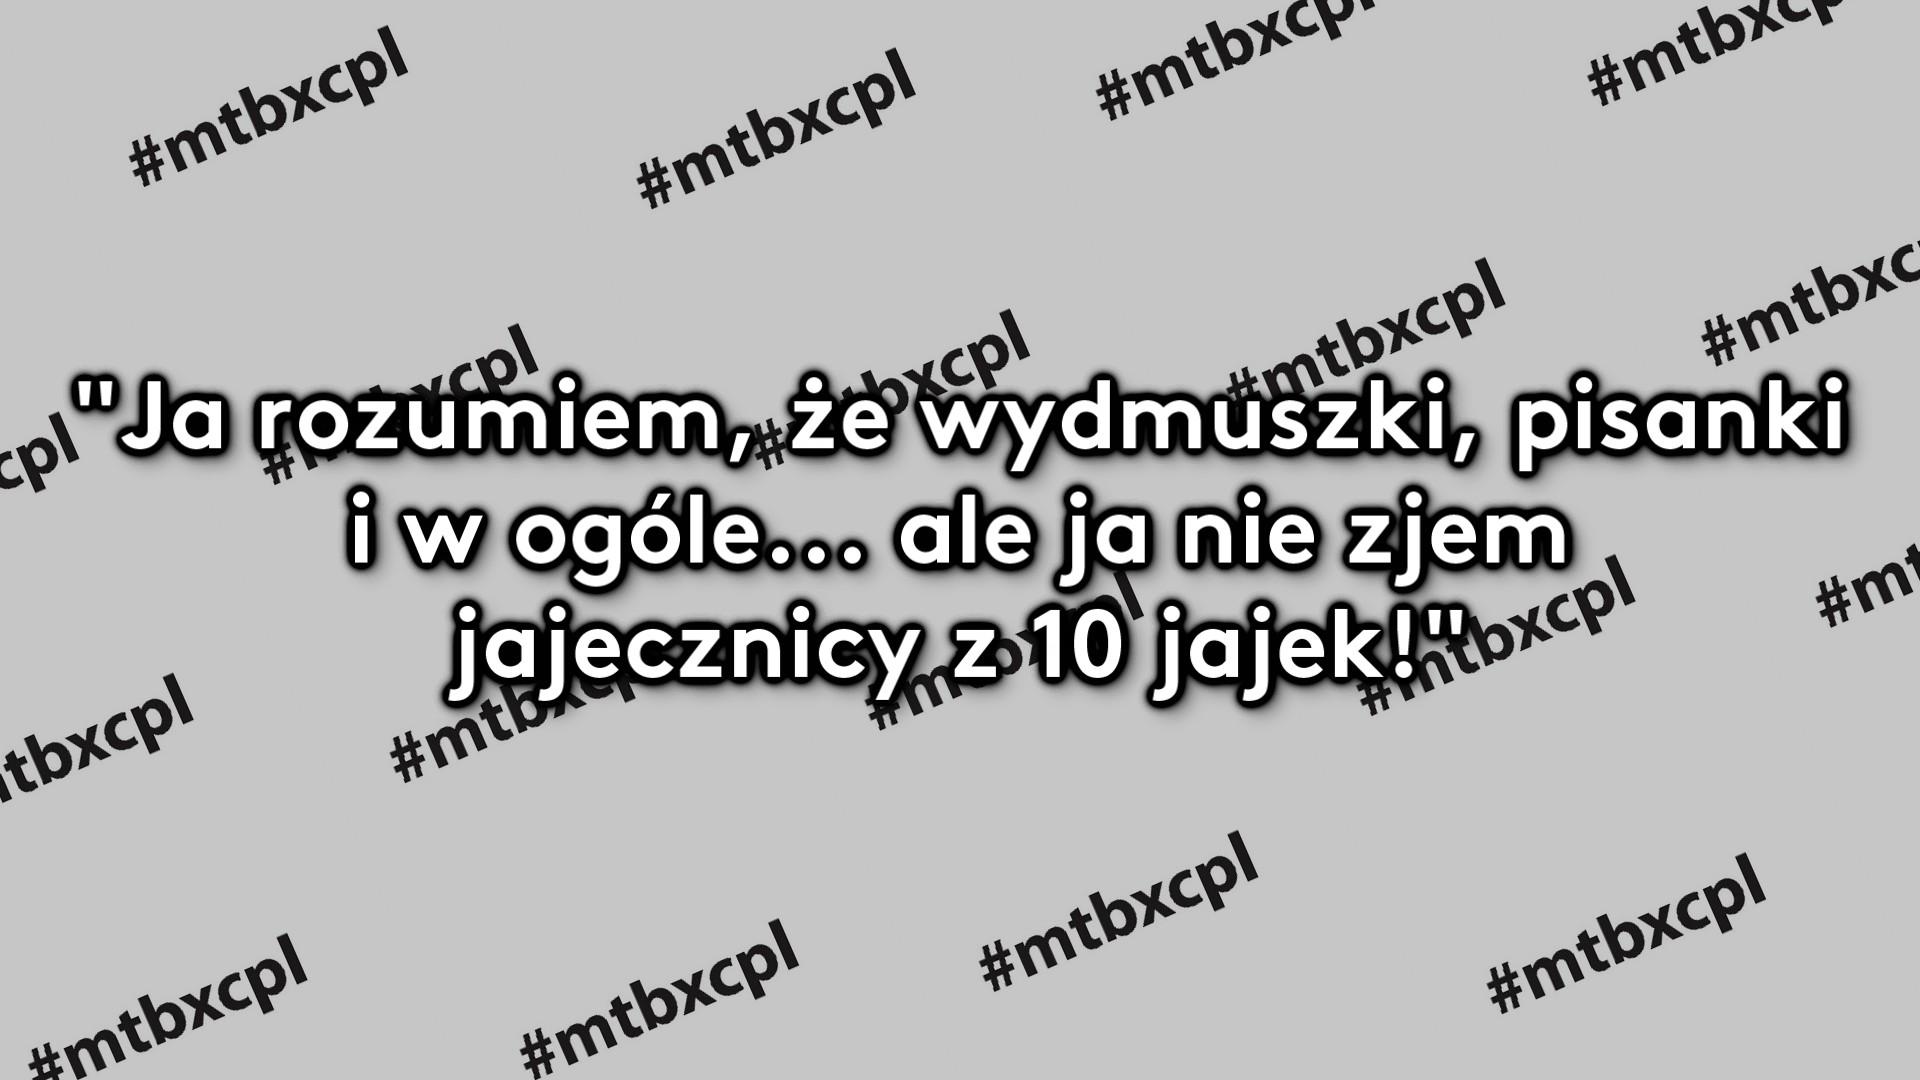 tekst mtbxcpl_000006